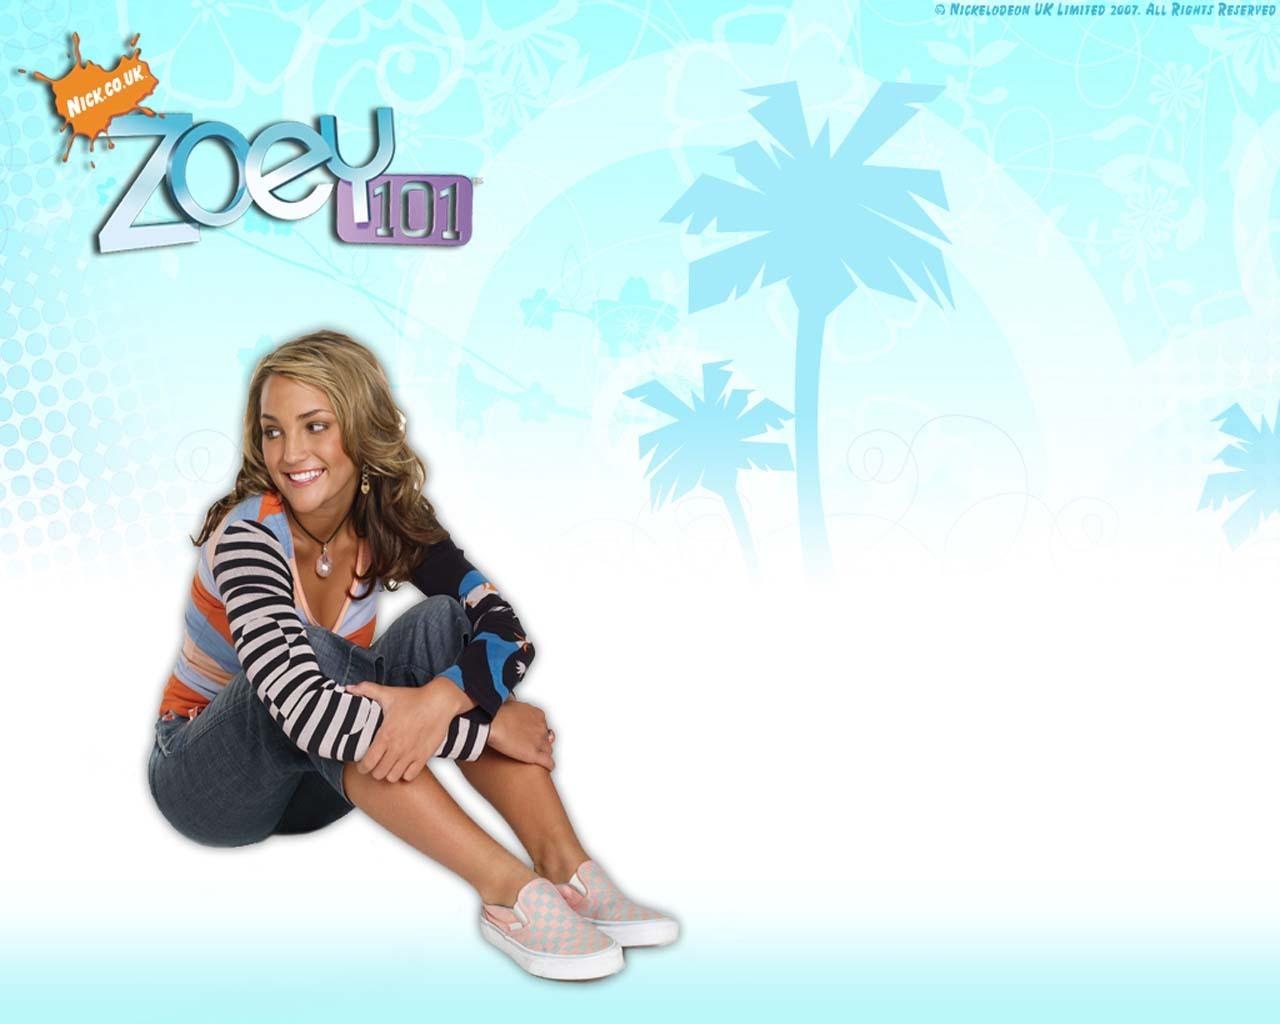 Zoey 101 1ª,2ª,3ª e 4ª Temporada !